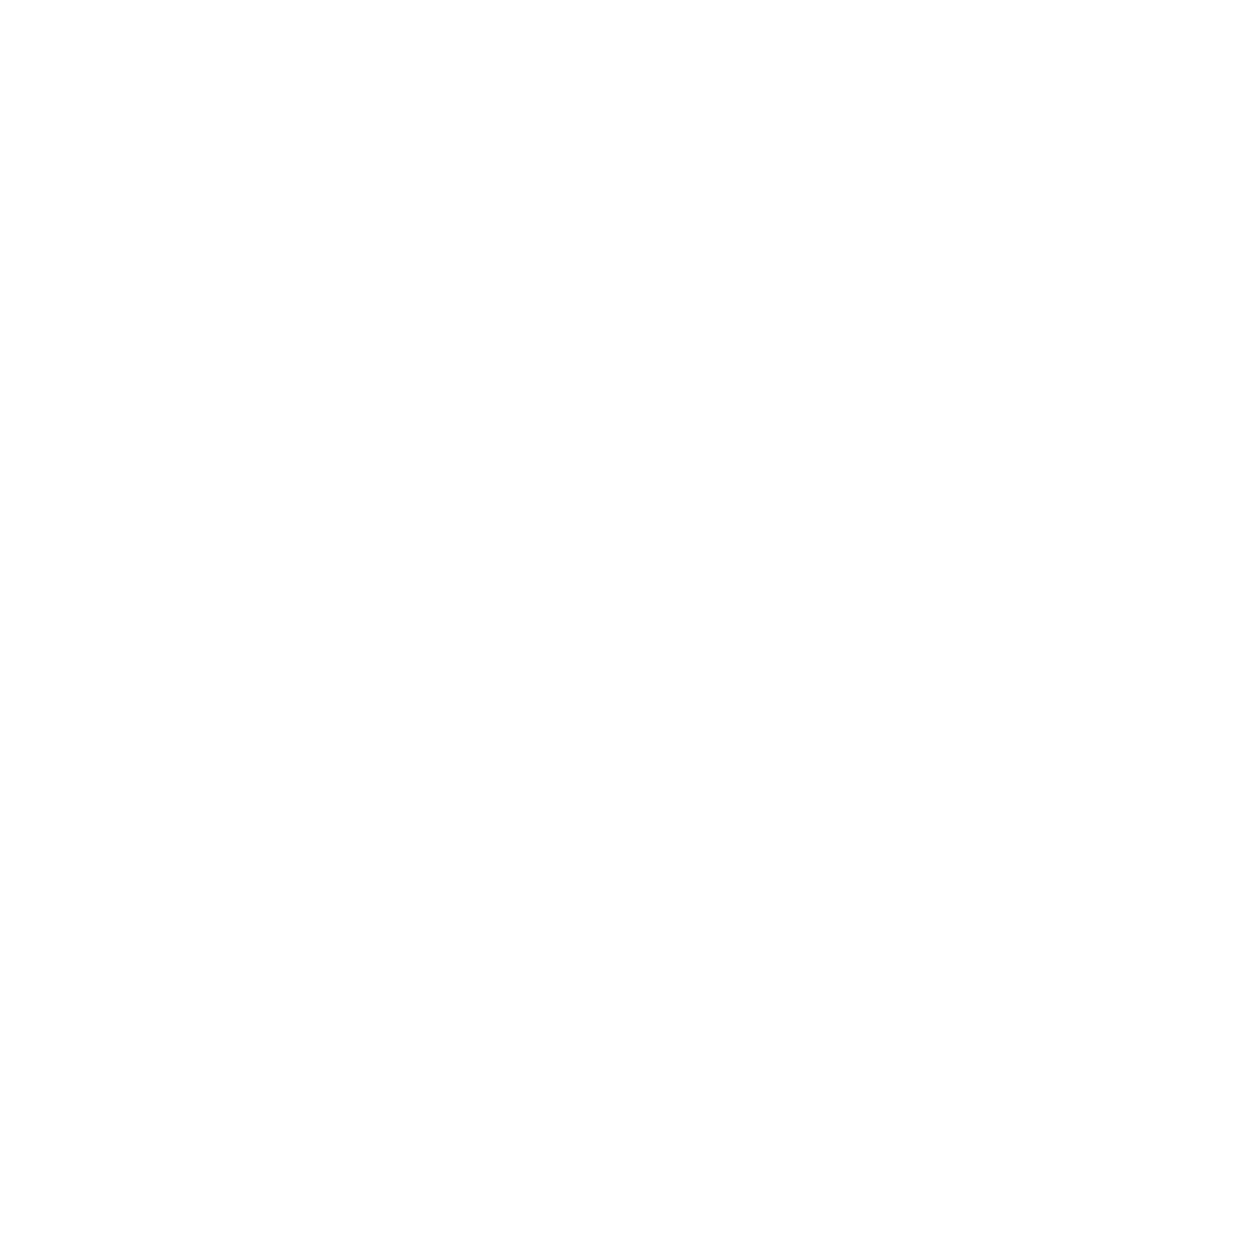 assistance_icon_SIM_STRUMENTI